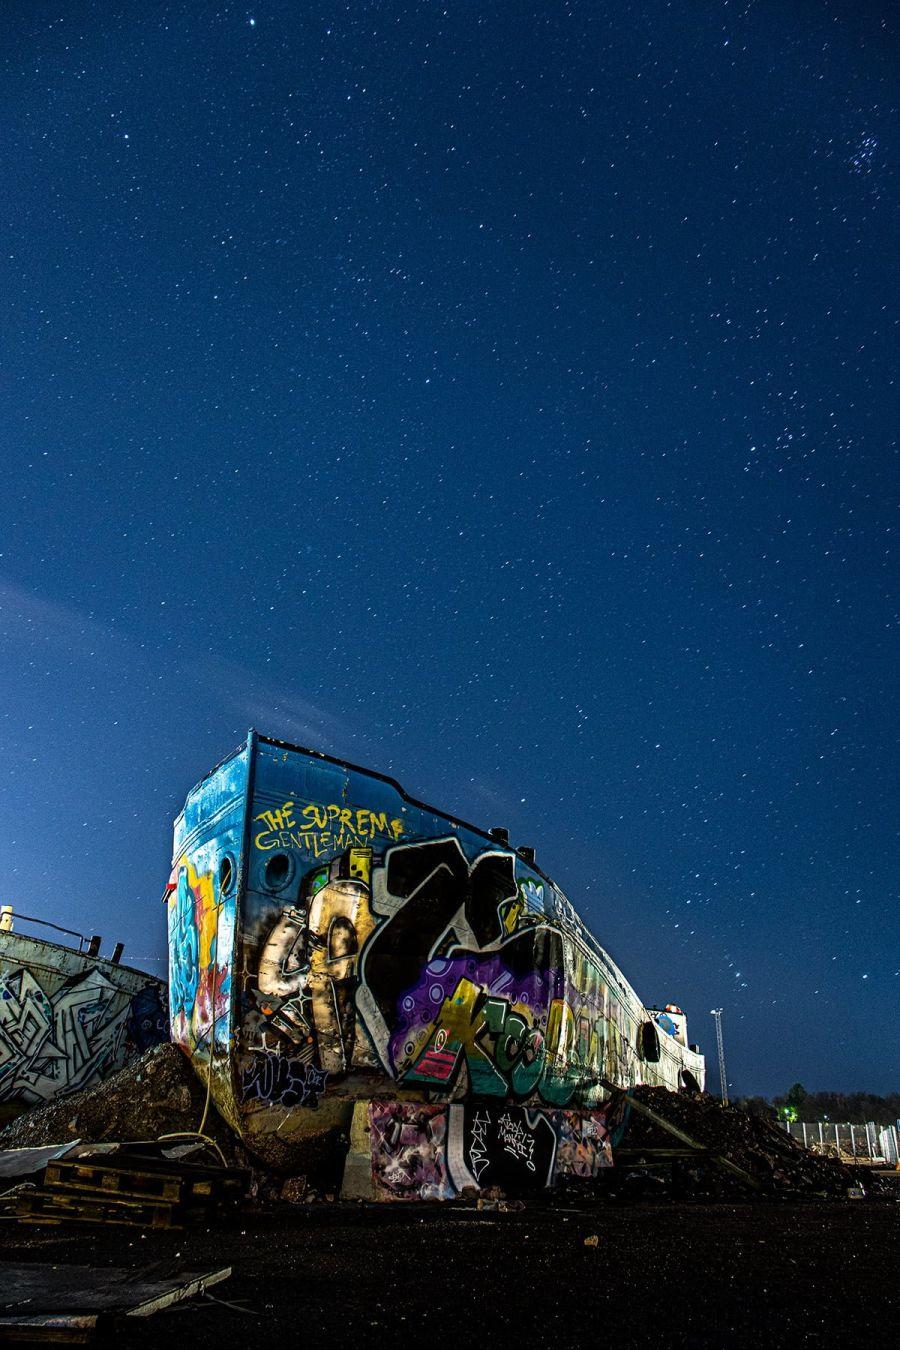 Hylätty vene täynnä graffiteja Helsingin Kalasatamassa, sekä tähdet taustalla